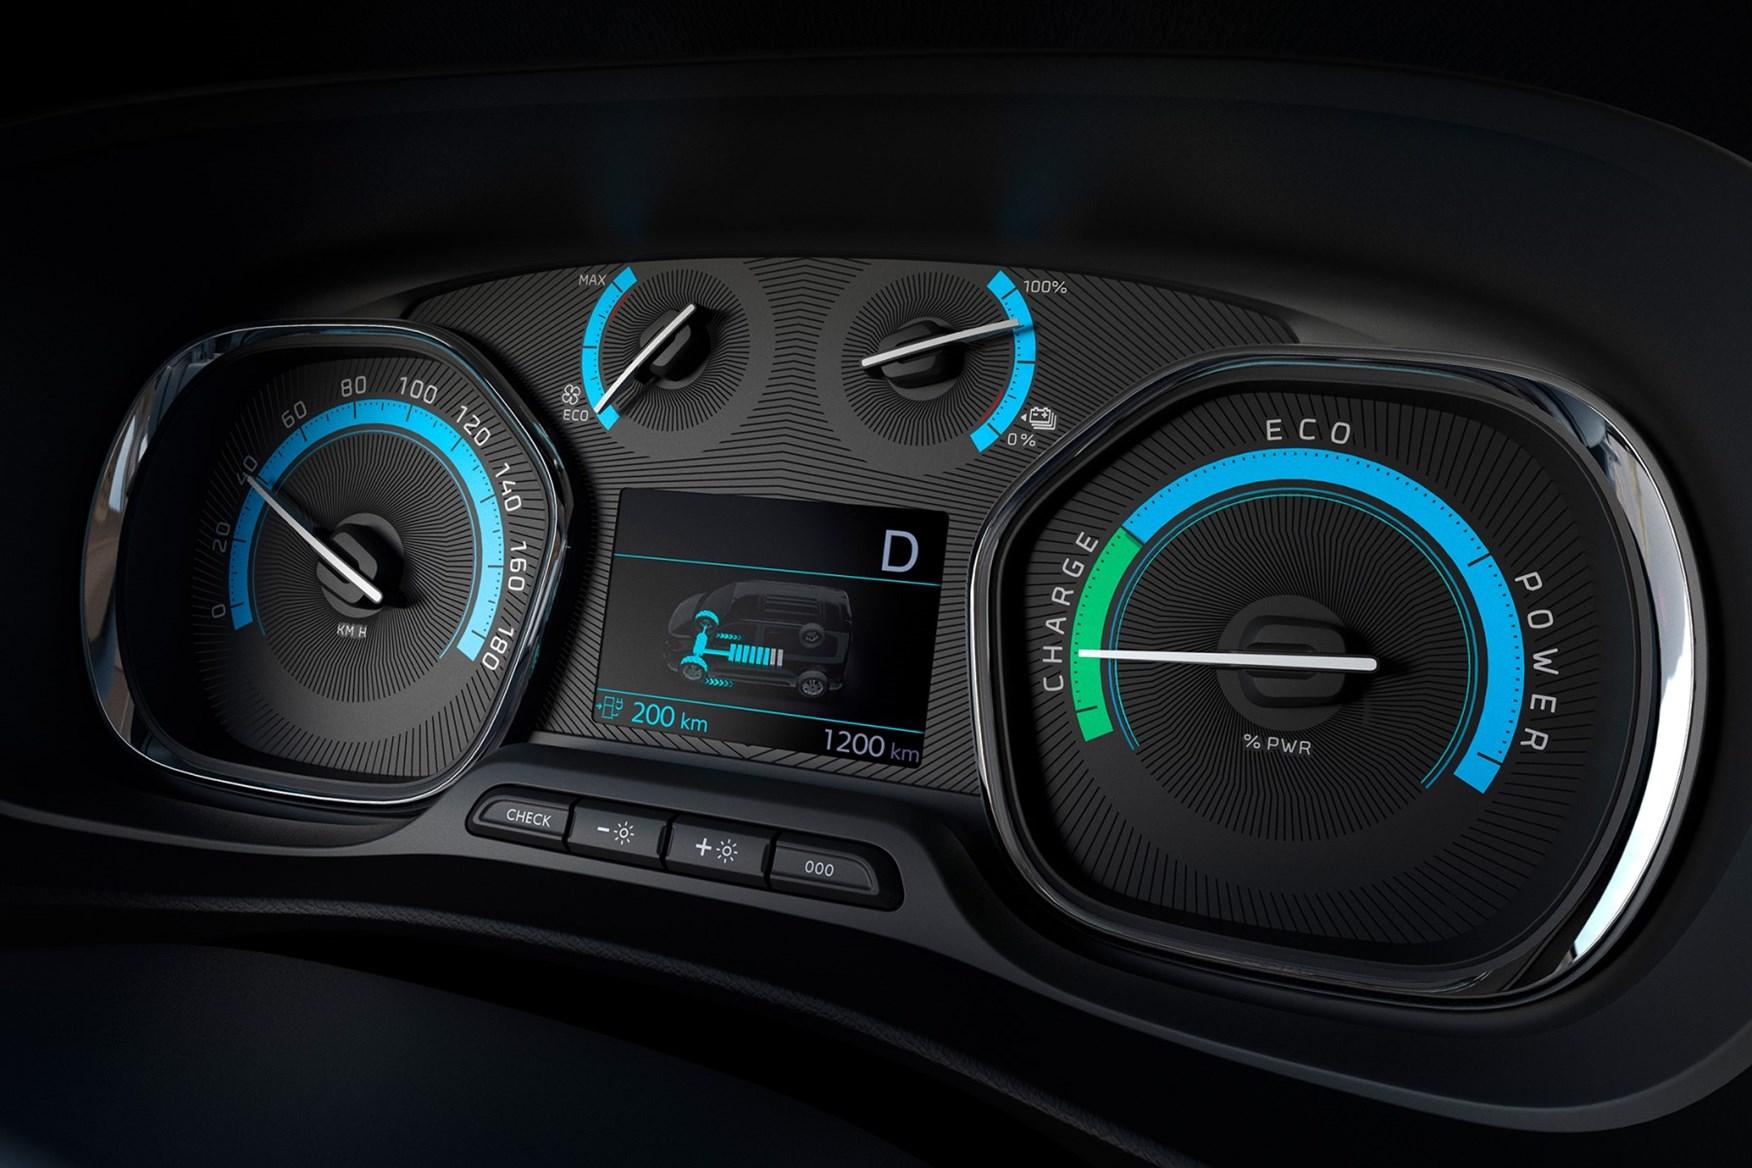 2021 Peugeot e-Expert dials